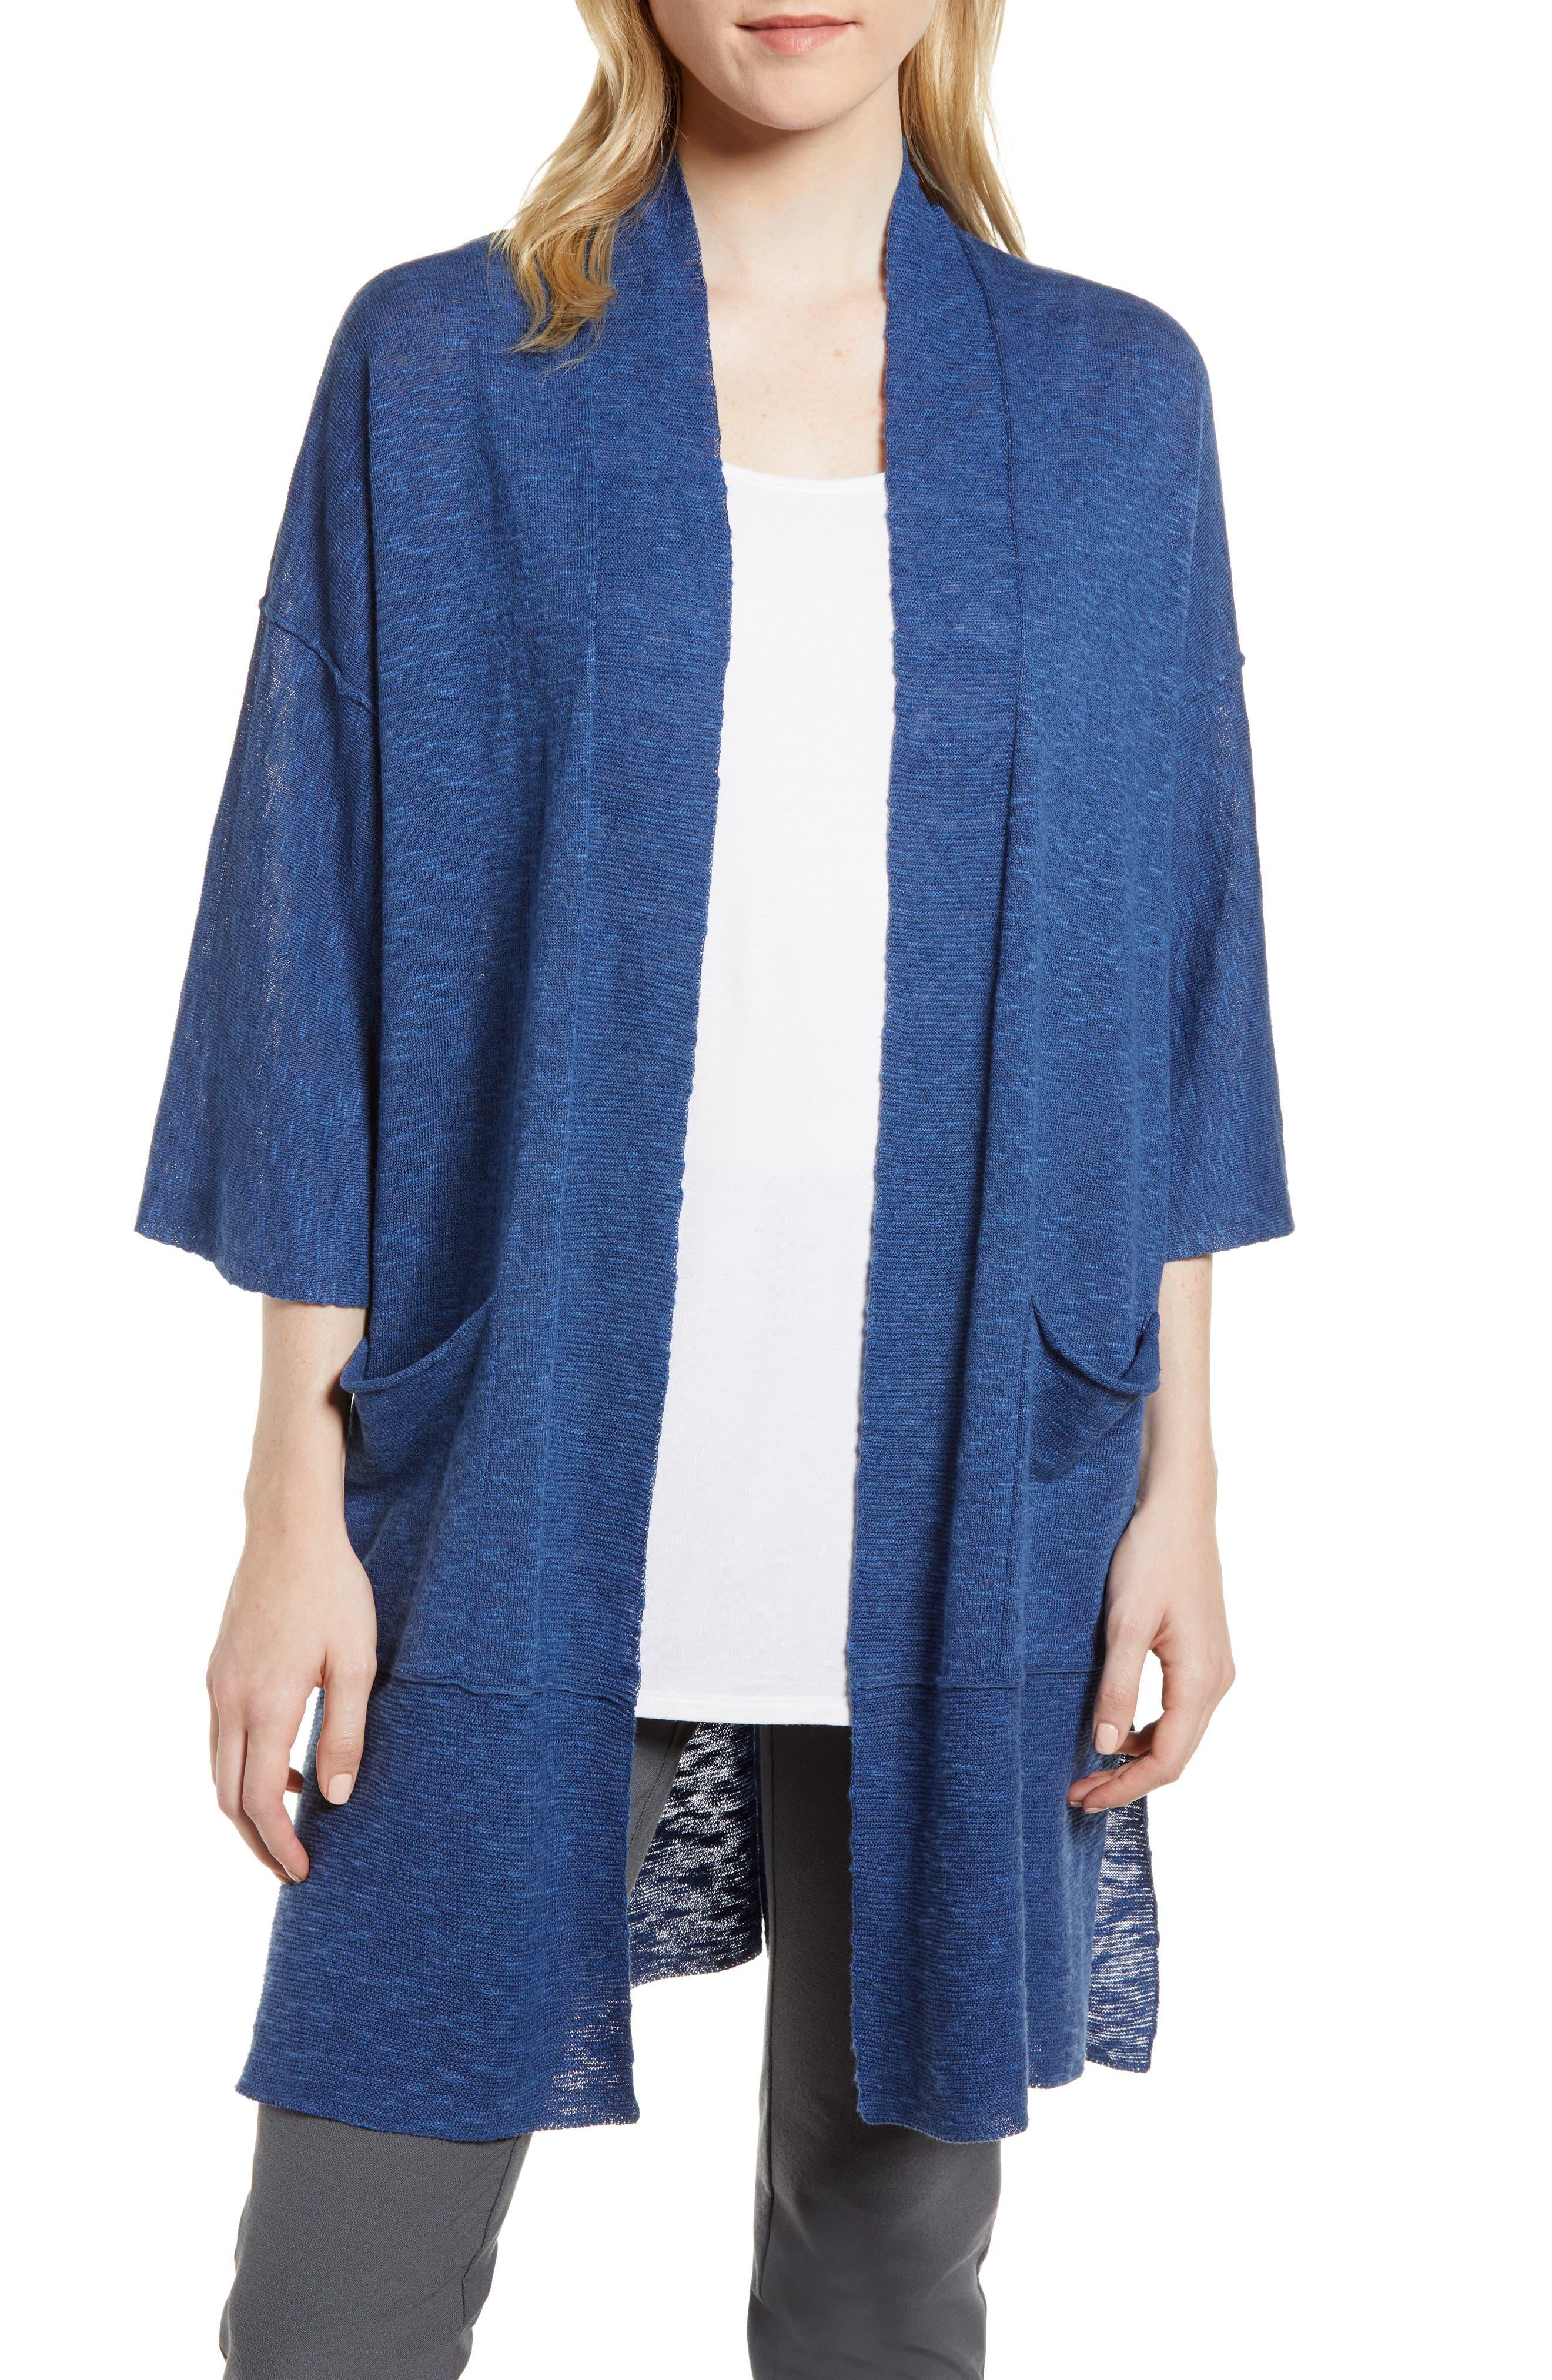 Organic Linen & Cotton Kimono Cardigan,                             Main thumbnail 1, color,                             Denim